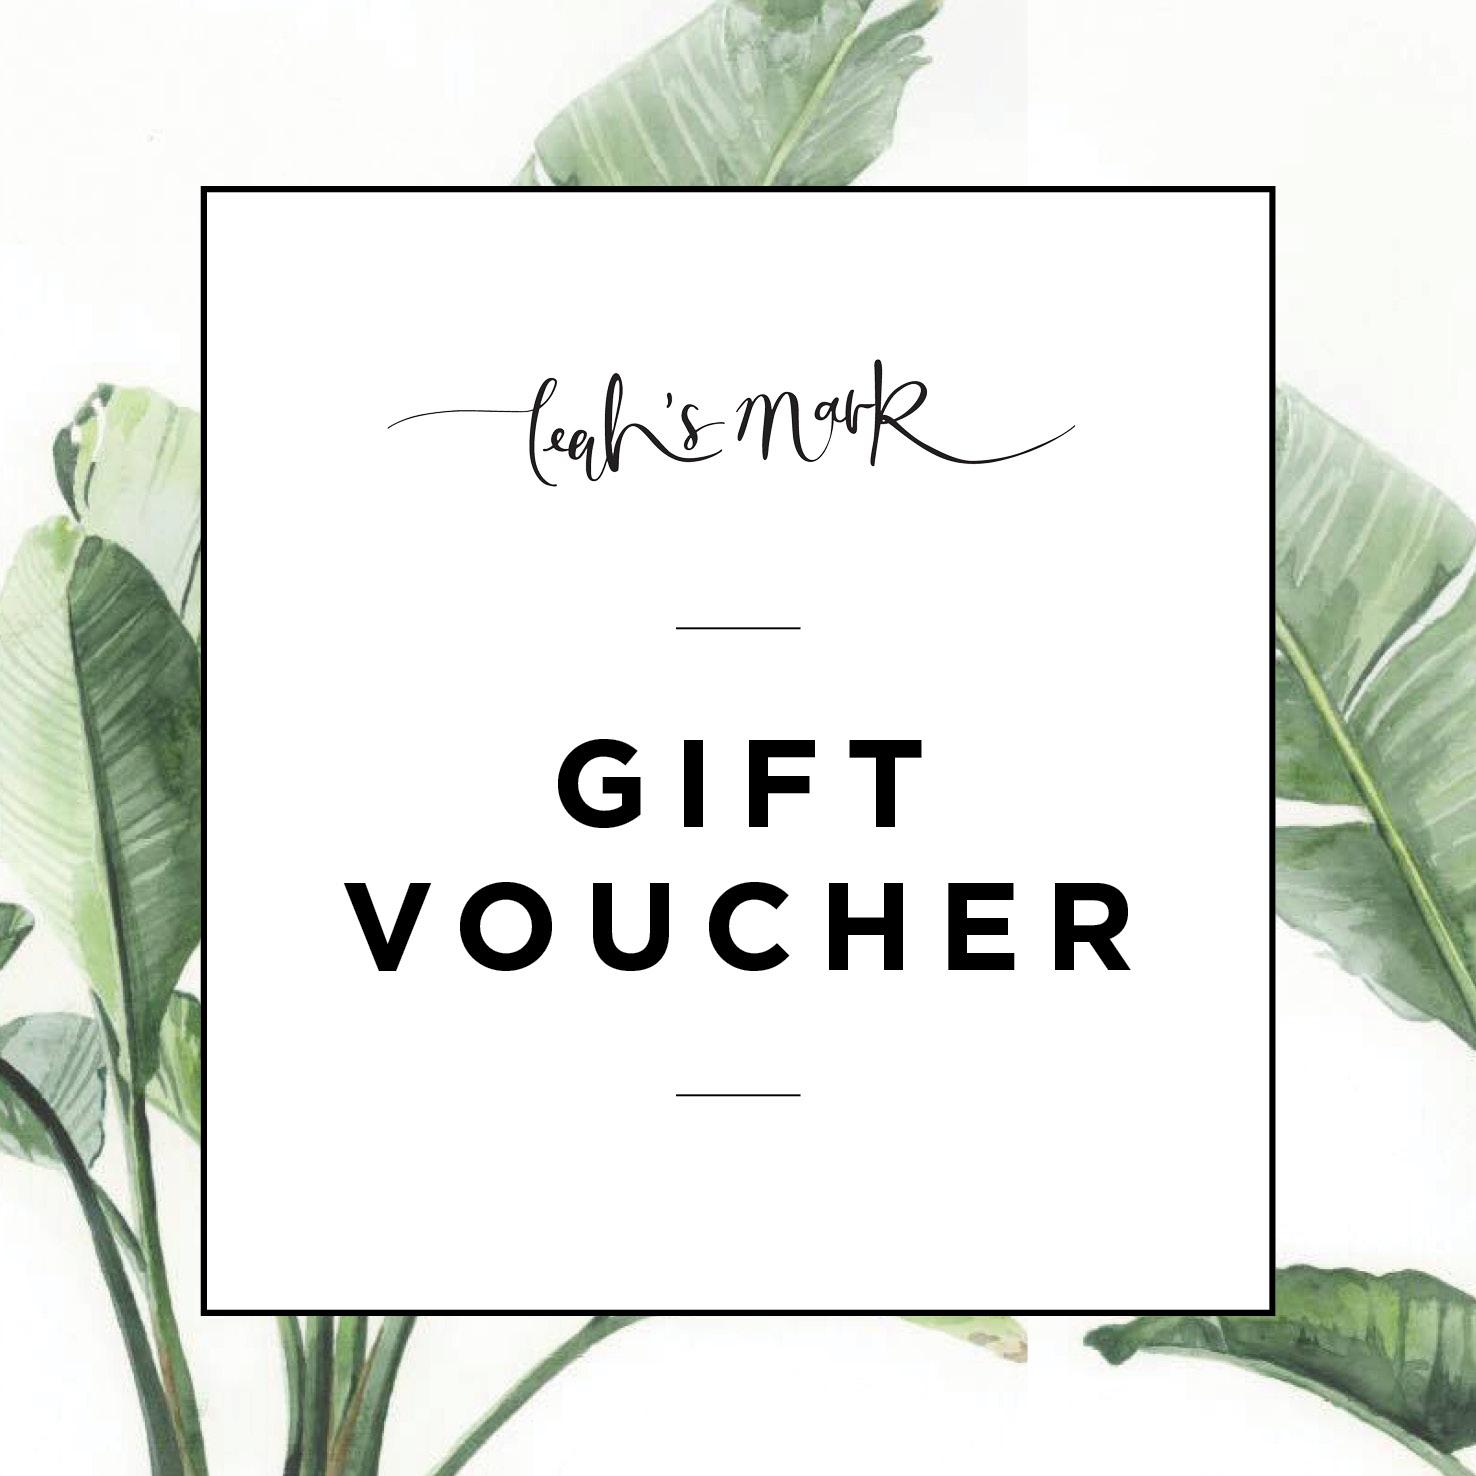 GiftVoucher_forwebsite_thumbnail.jpg